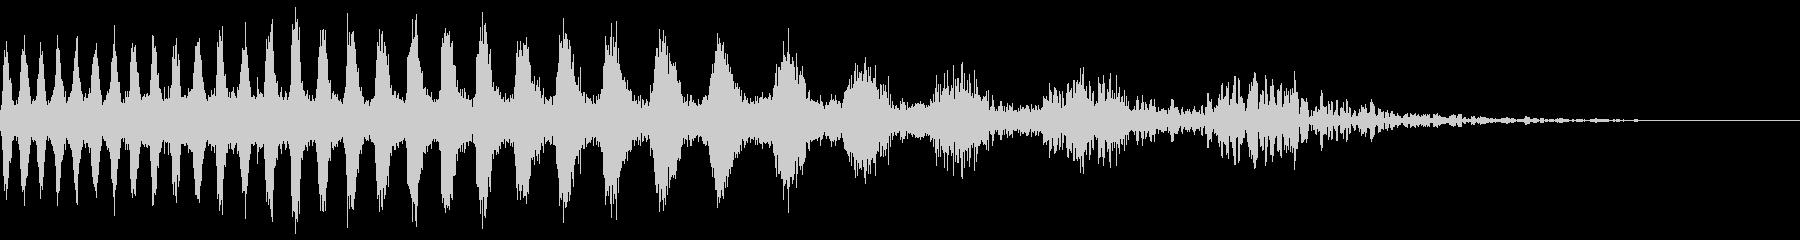 【FX】 DOWNLIFT 03の未再生の波形